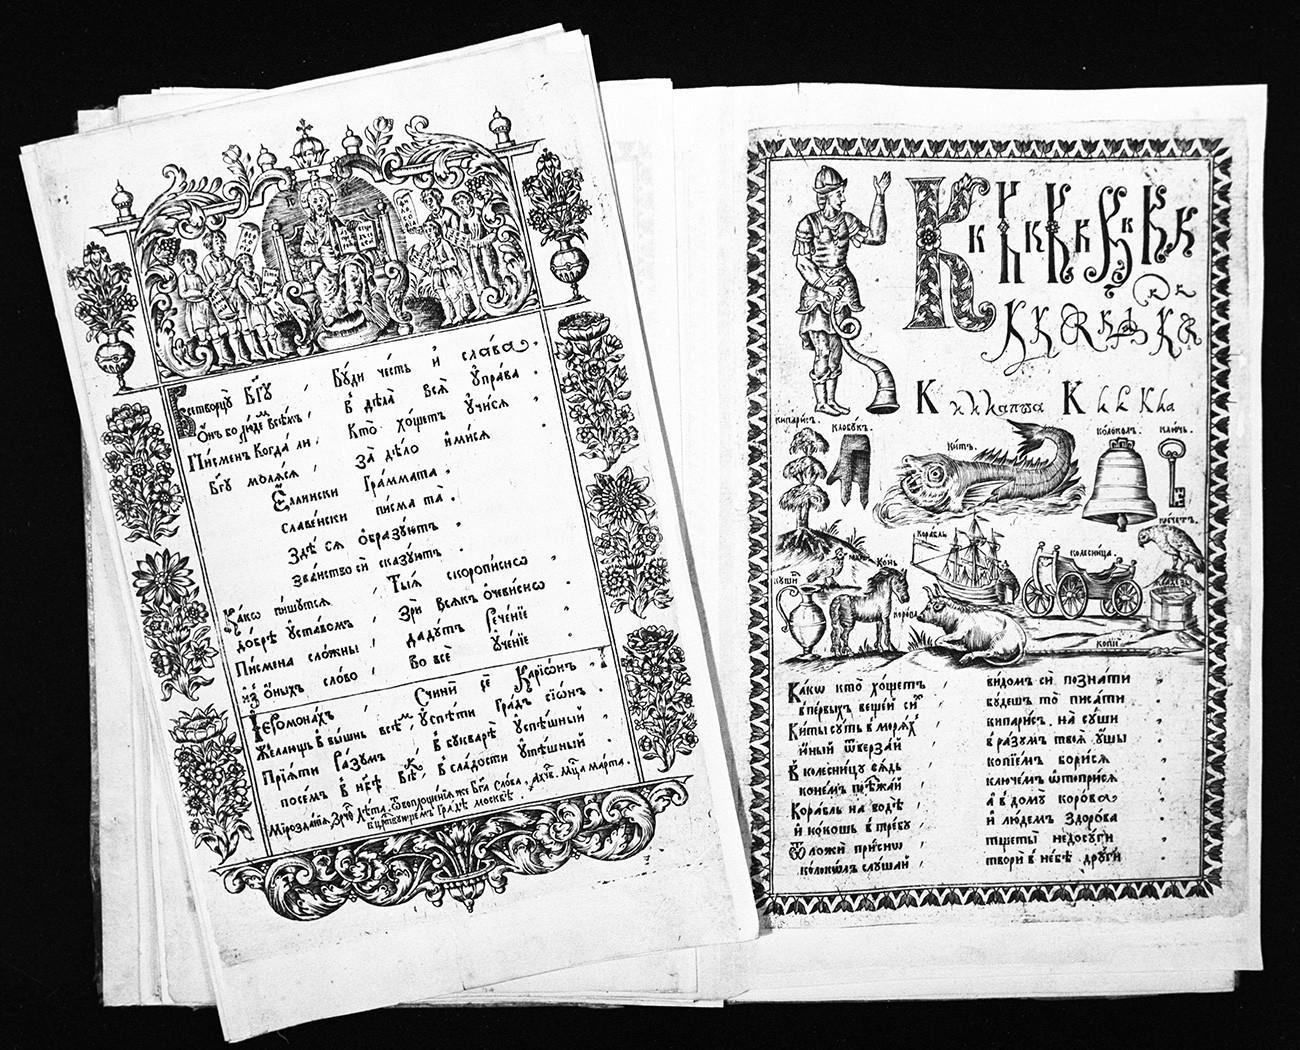 """Букварот што го создал Карион Истомин, издаден во Москва во 1694 година, Ленинградска државна библиотека """"М.Е. Салтичков-Шчедрин""""."""